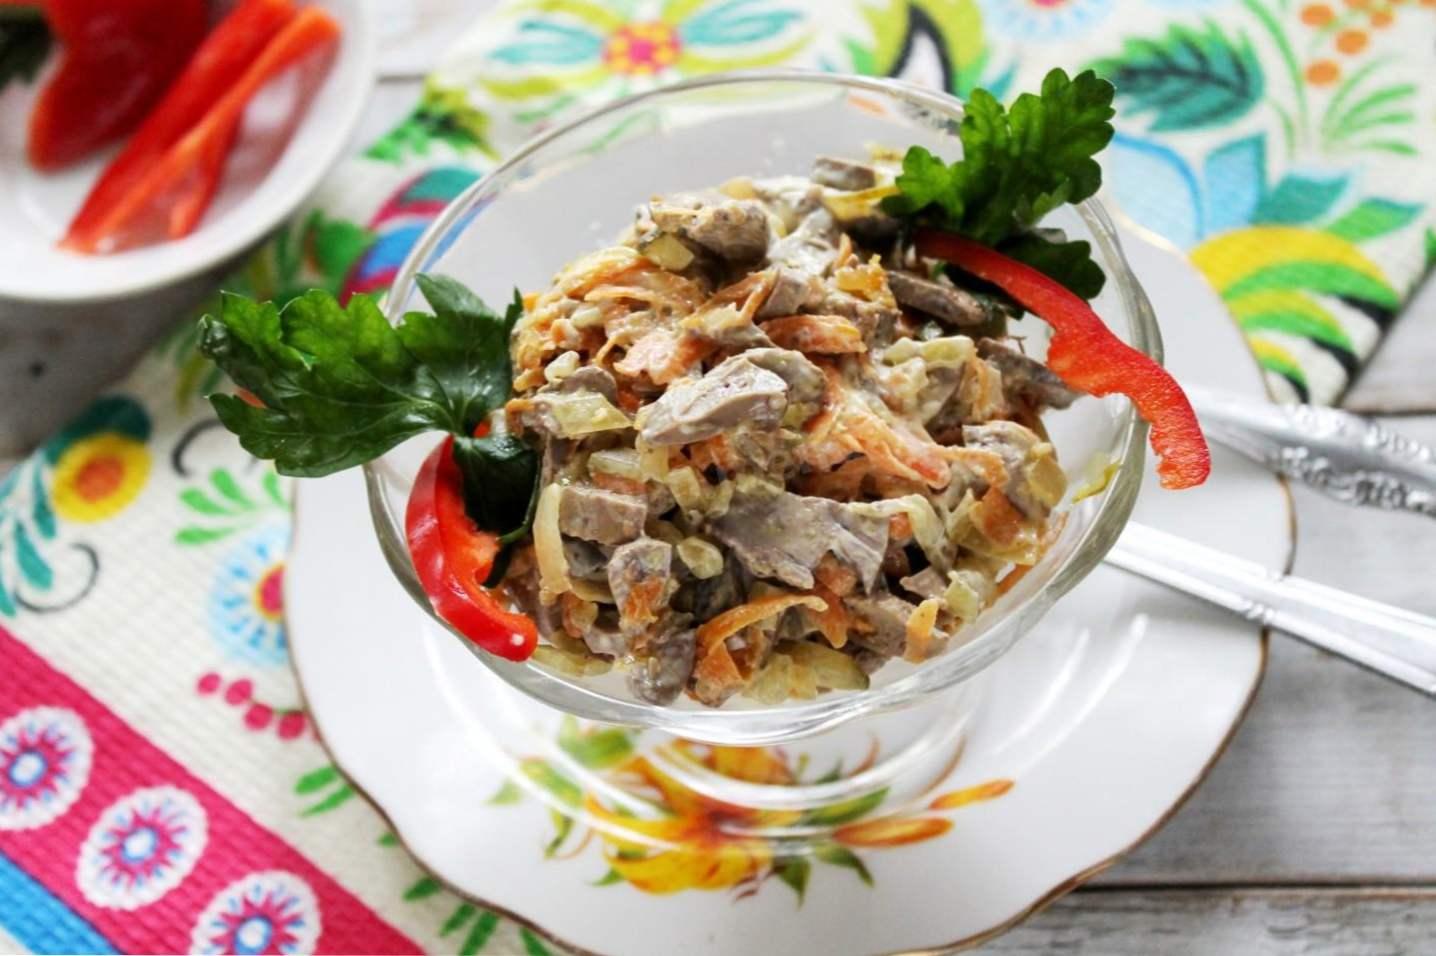 четвертый рецепт салата Обжорка с копченой куриной грудкой и горошком фото